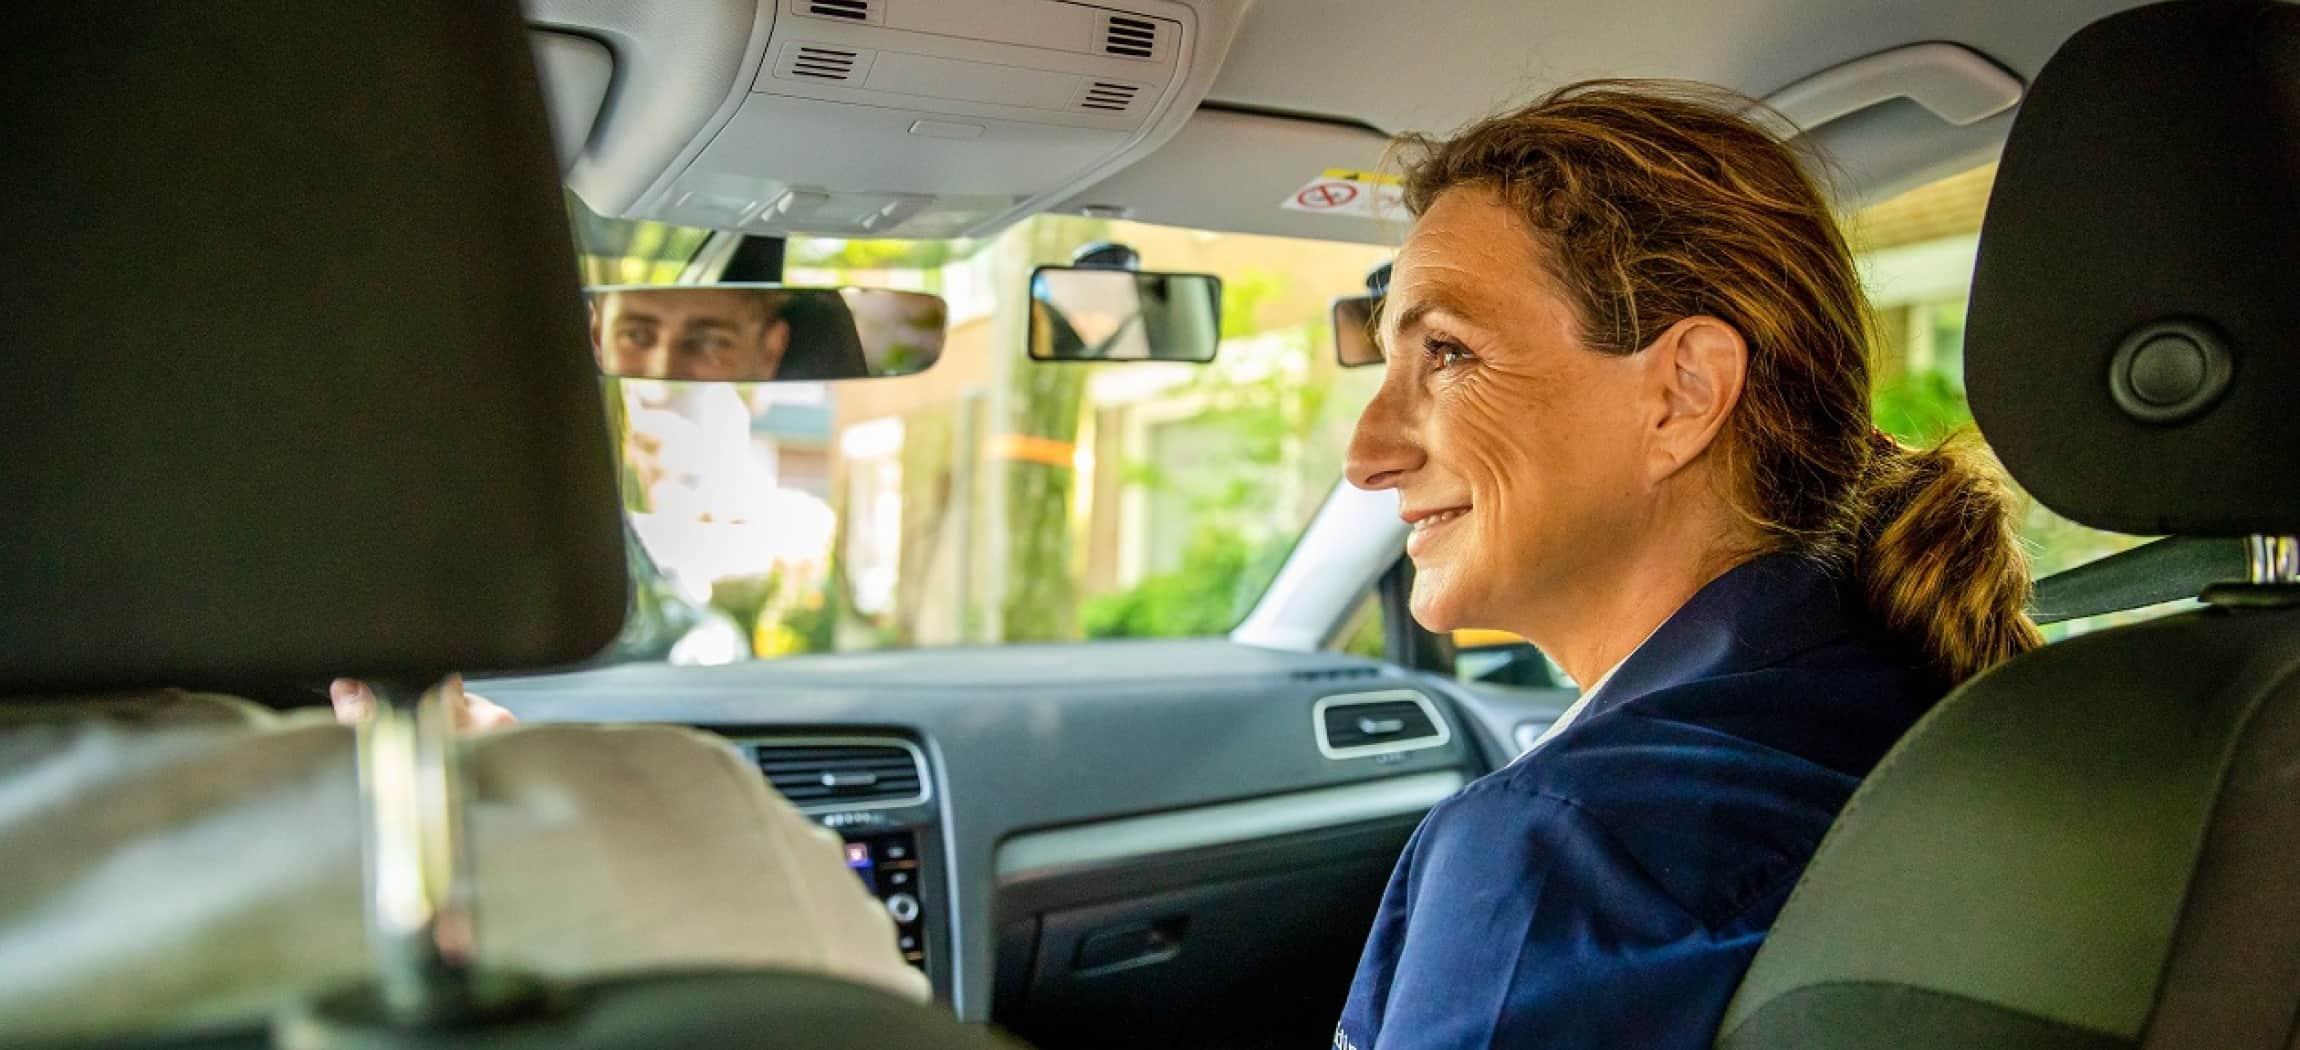 Vrouwelijke rij-instructeur zit op passagiersstoel en kijkt naar leerling achter het stuur